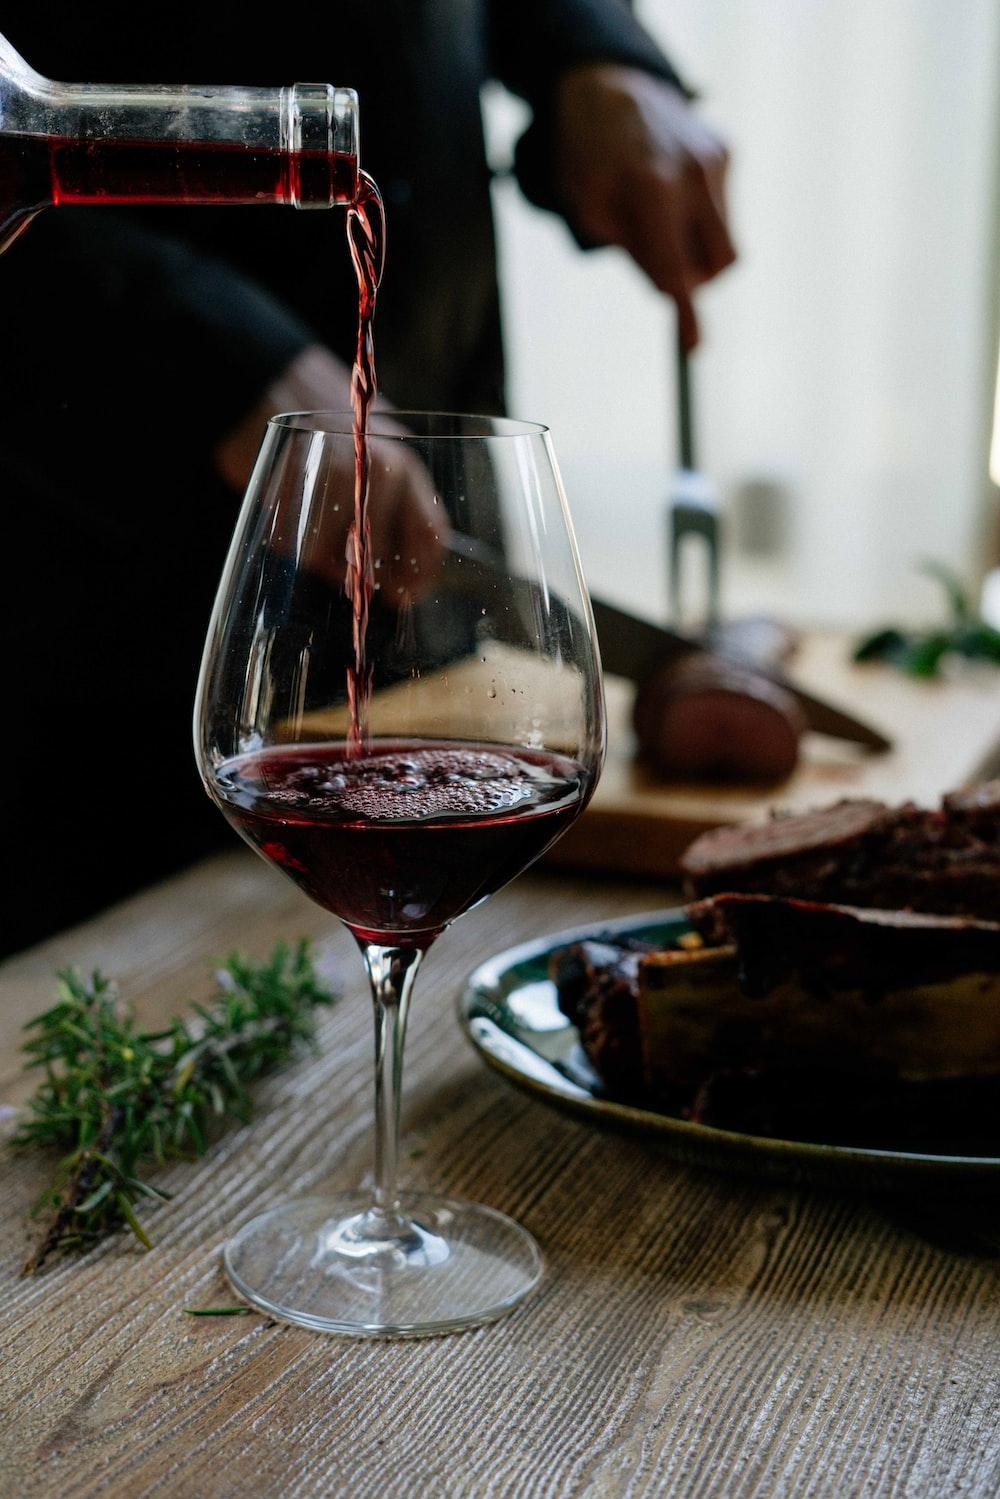 человек наливает красное вино в бокал